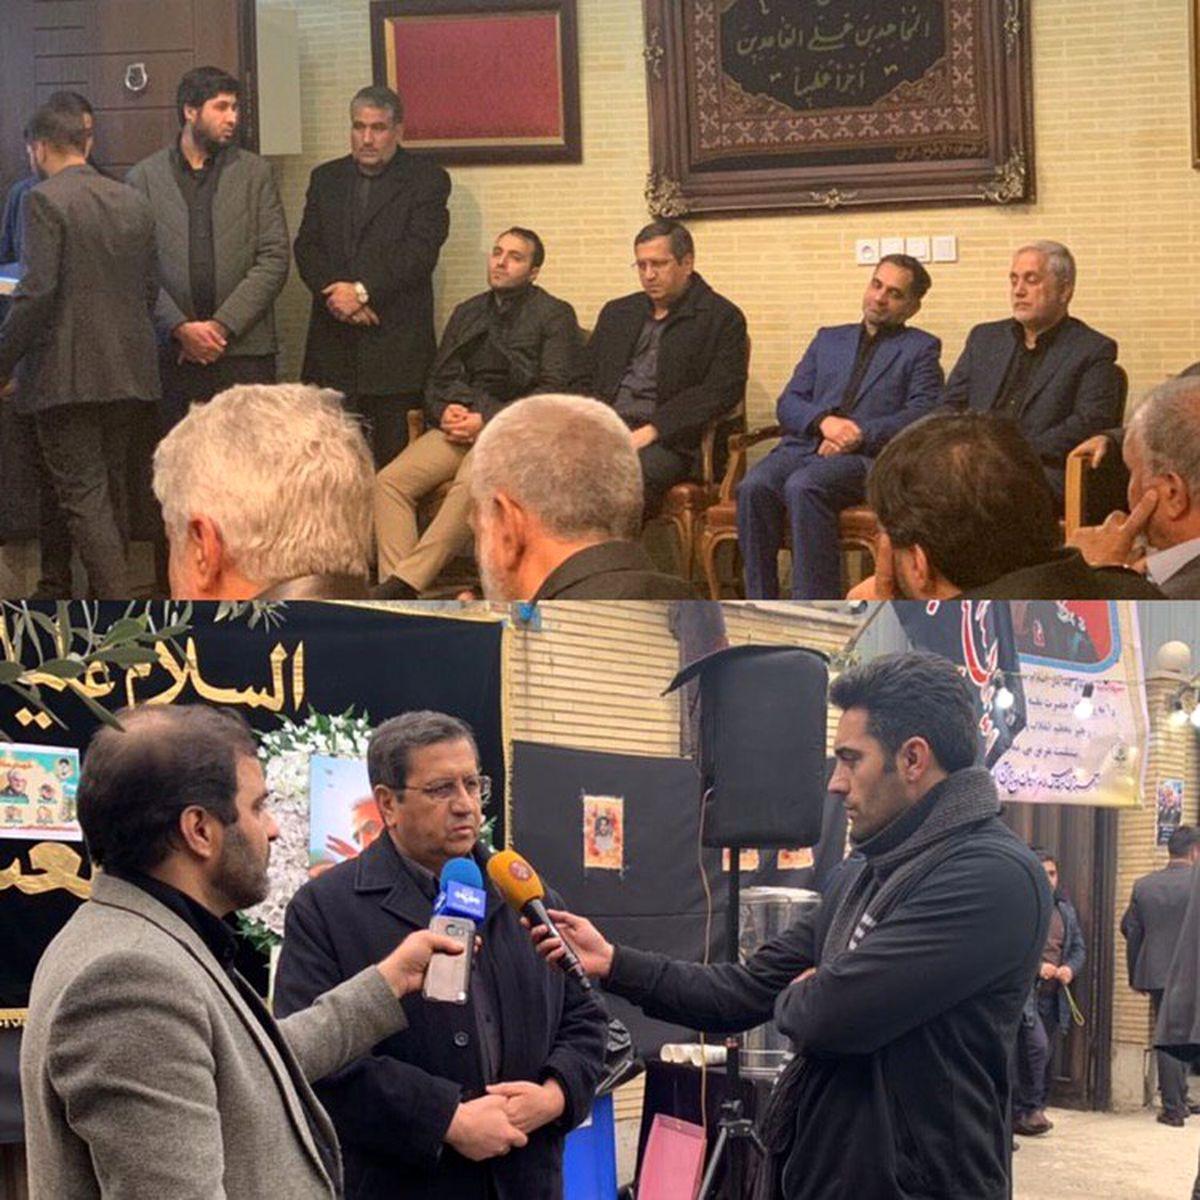 حضور همتی در منزل سردار شهید سلیمانی +عکس